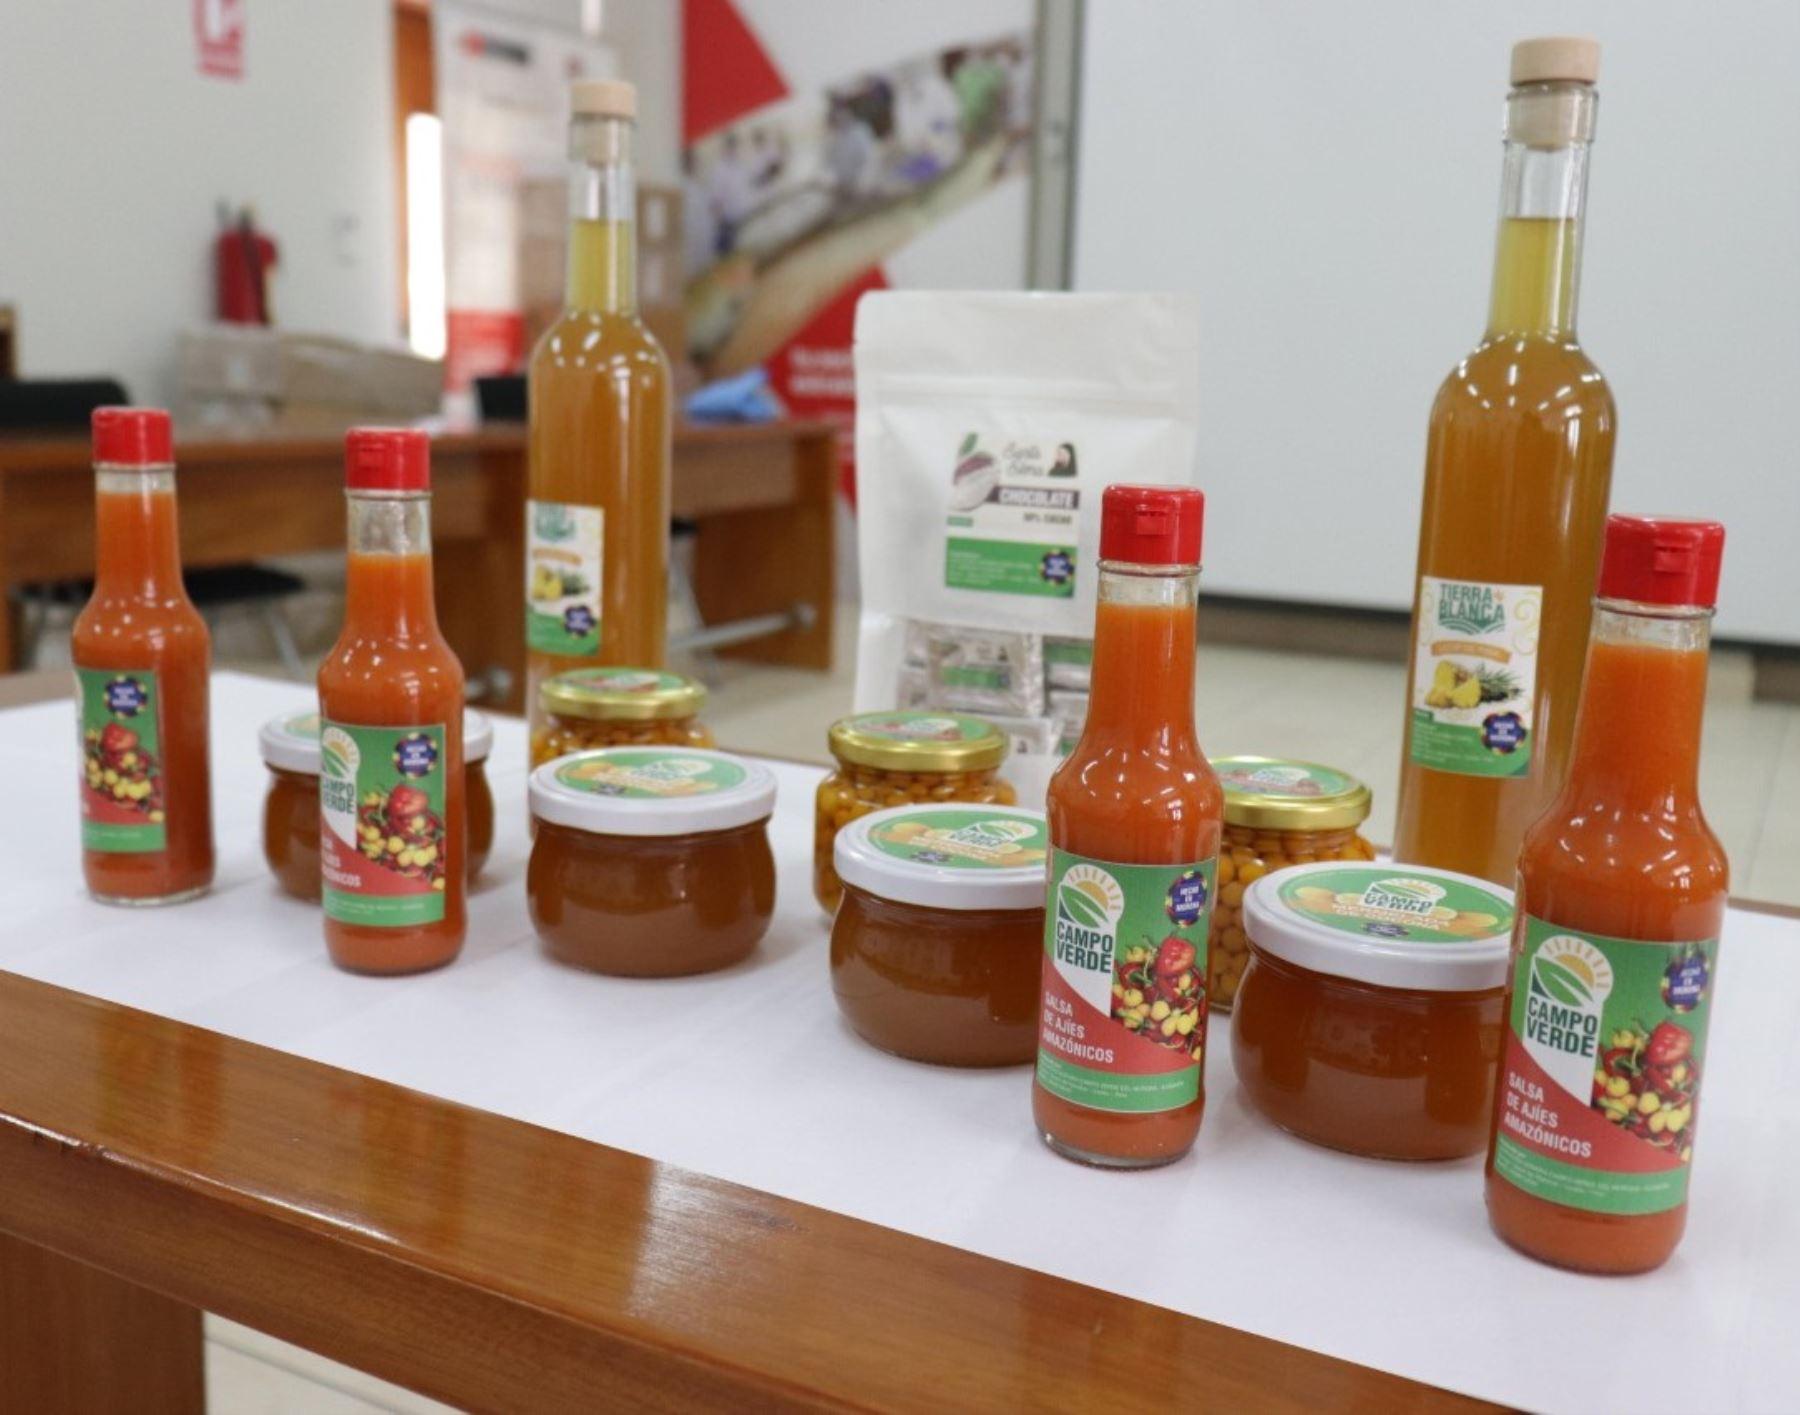 Emprendedores loretanos innovan con novedosos productos como encurtido de ajíes amazónicos, harina de plátano y yuca, y mermelada de cocona y su meta es conquistar mercados internacionales. ANDINA/Difusión